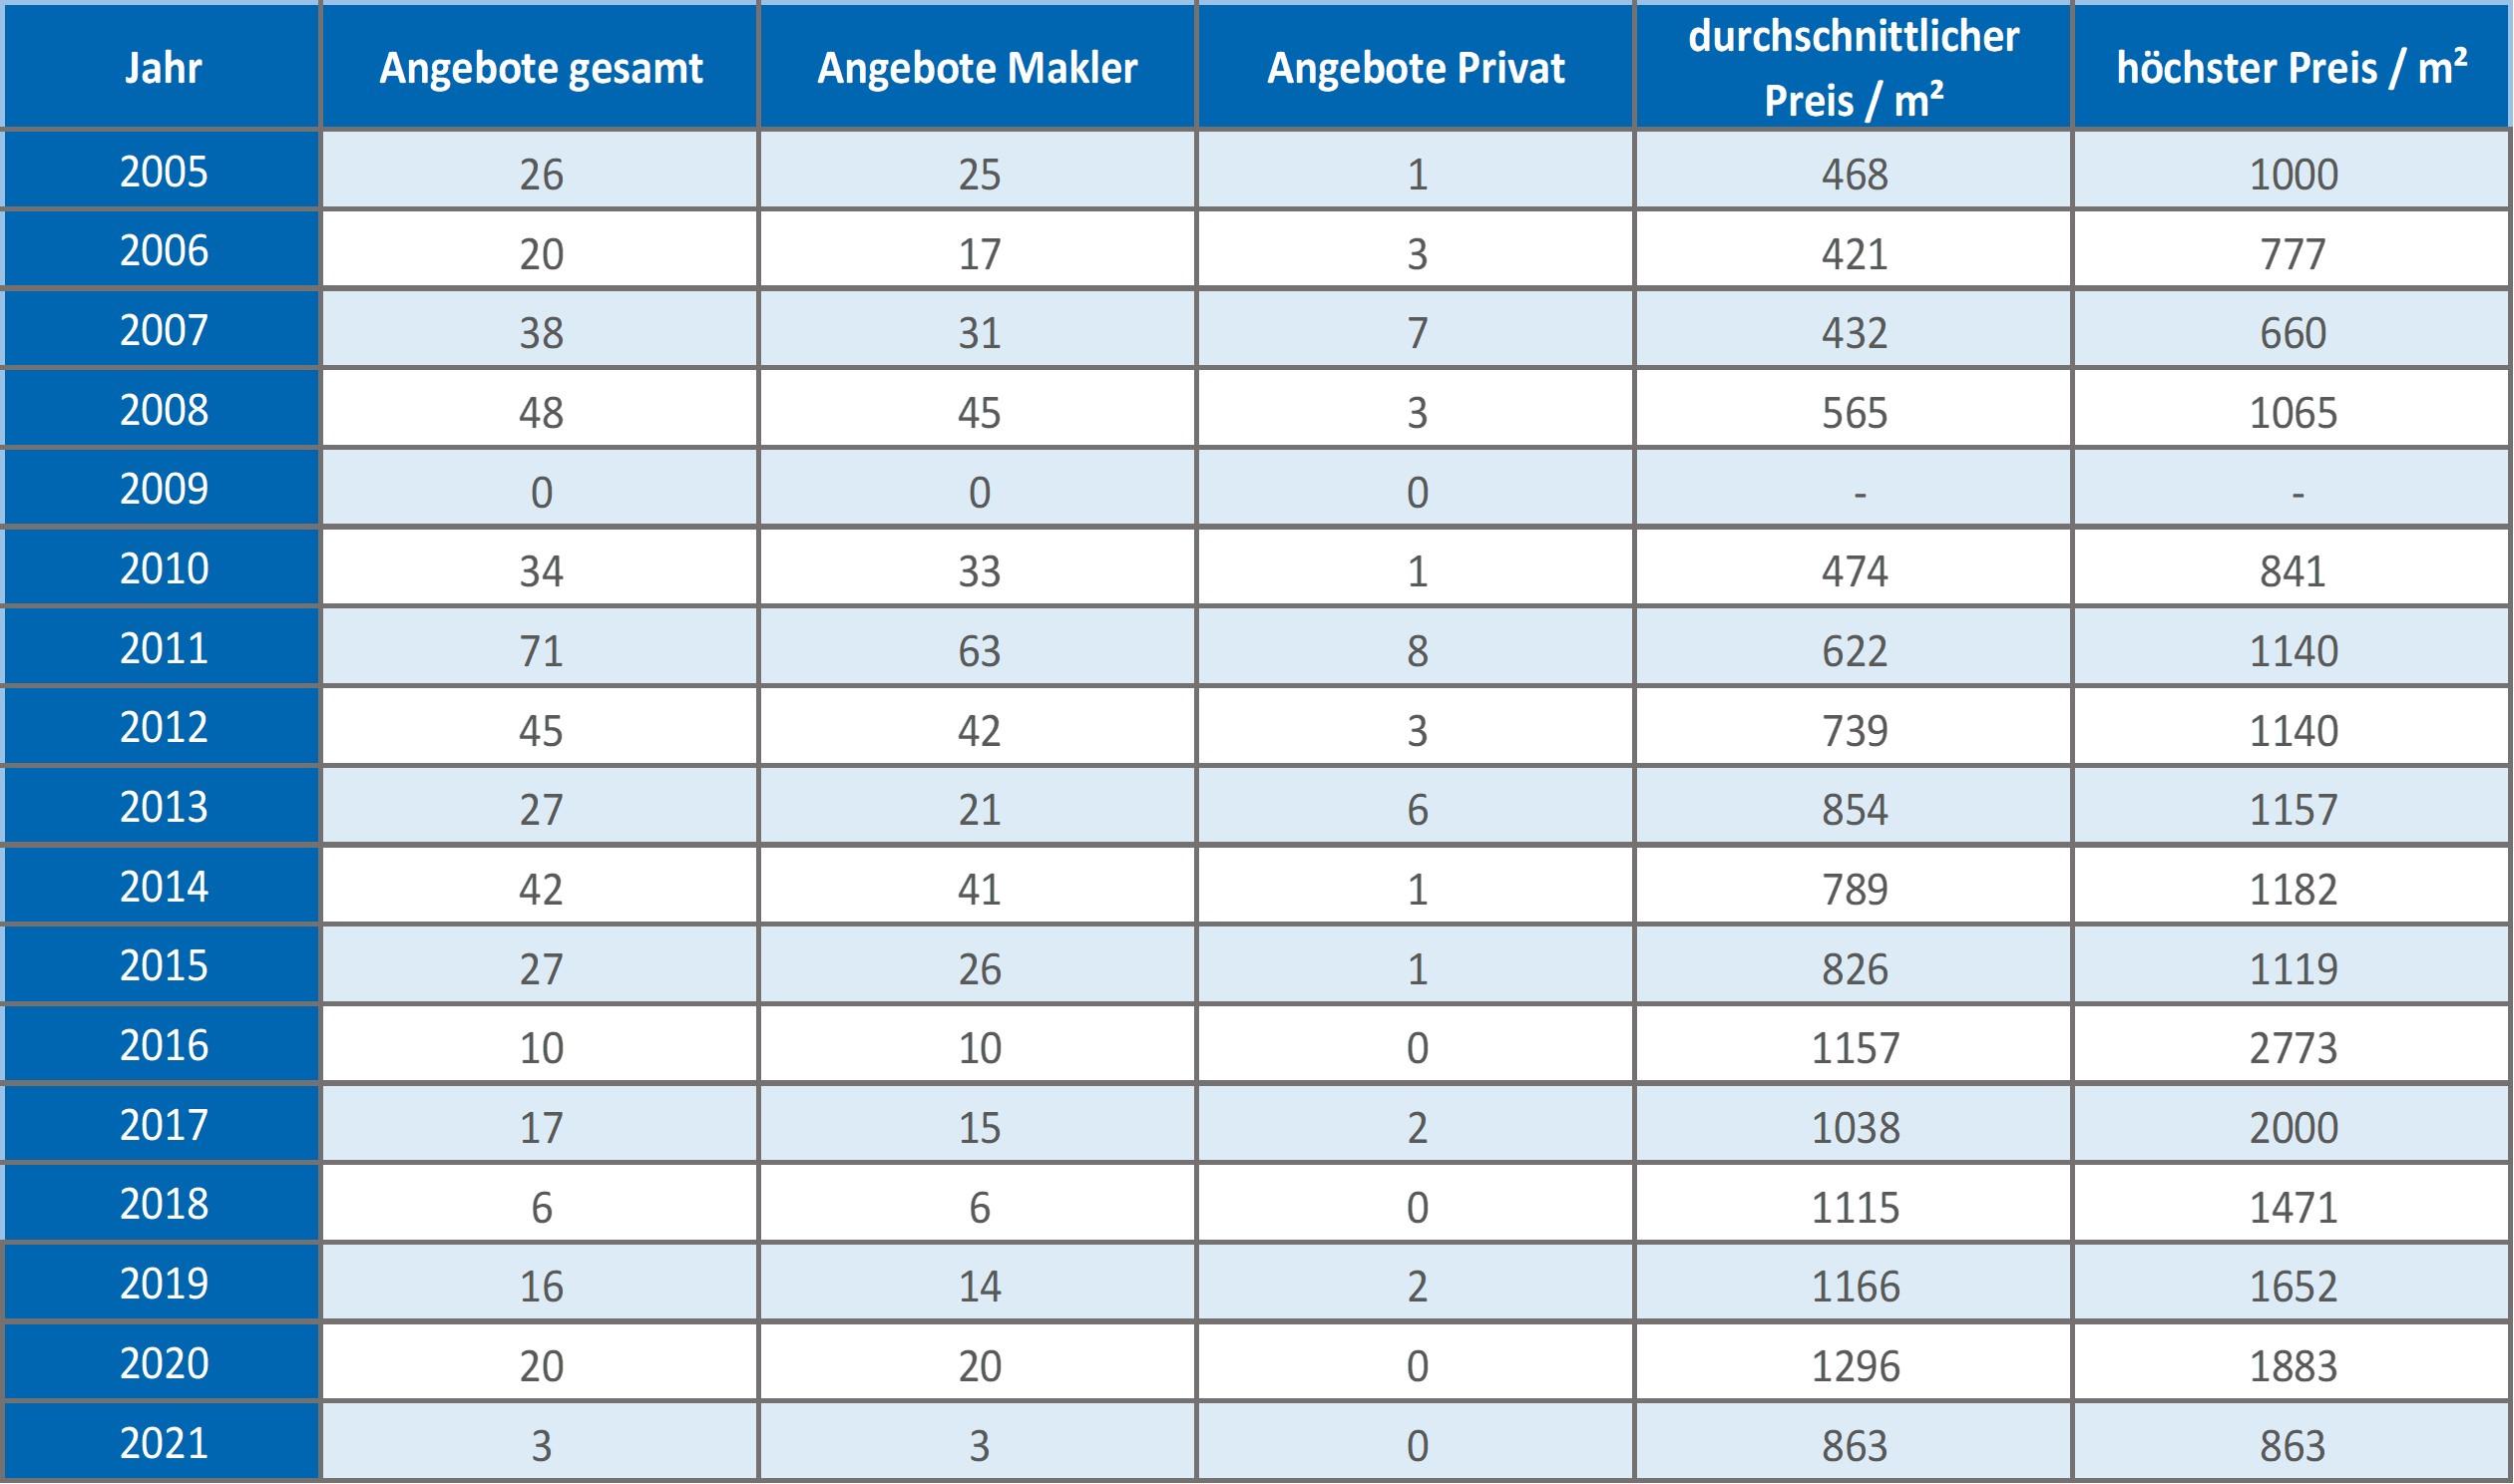 Baldham-Vaterstetten-Grundstück-kaufen-verkaufen-Makler 2019, 2020, 2021